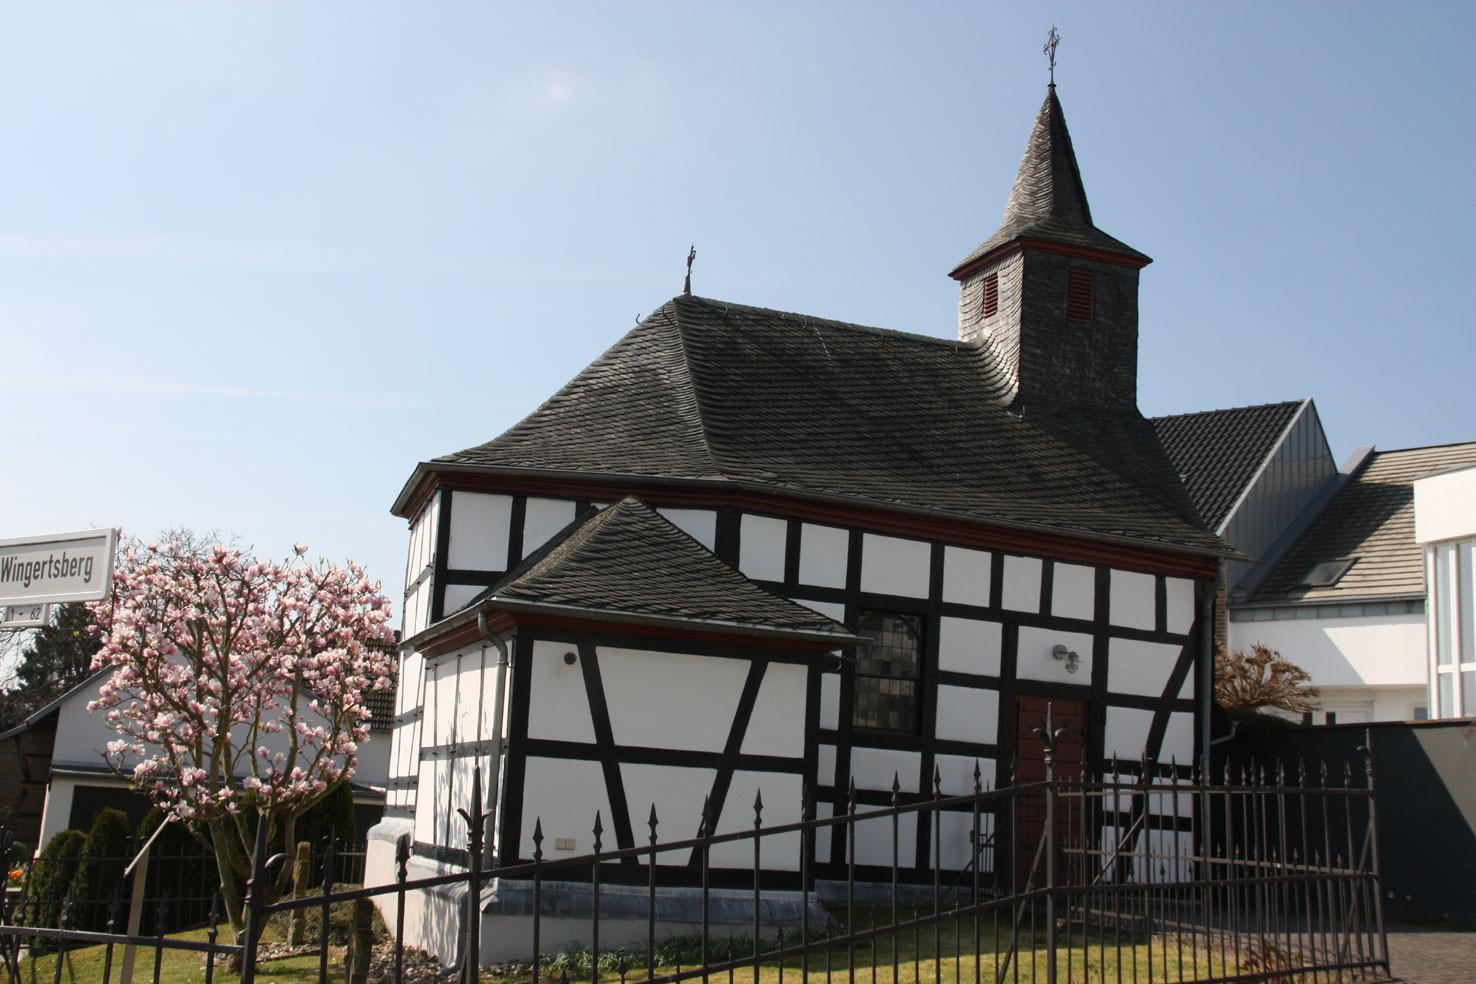 St. Hubertus, Ückesdorf